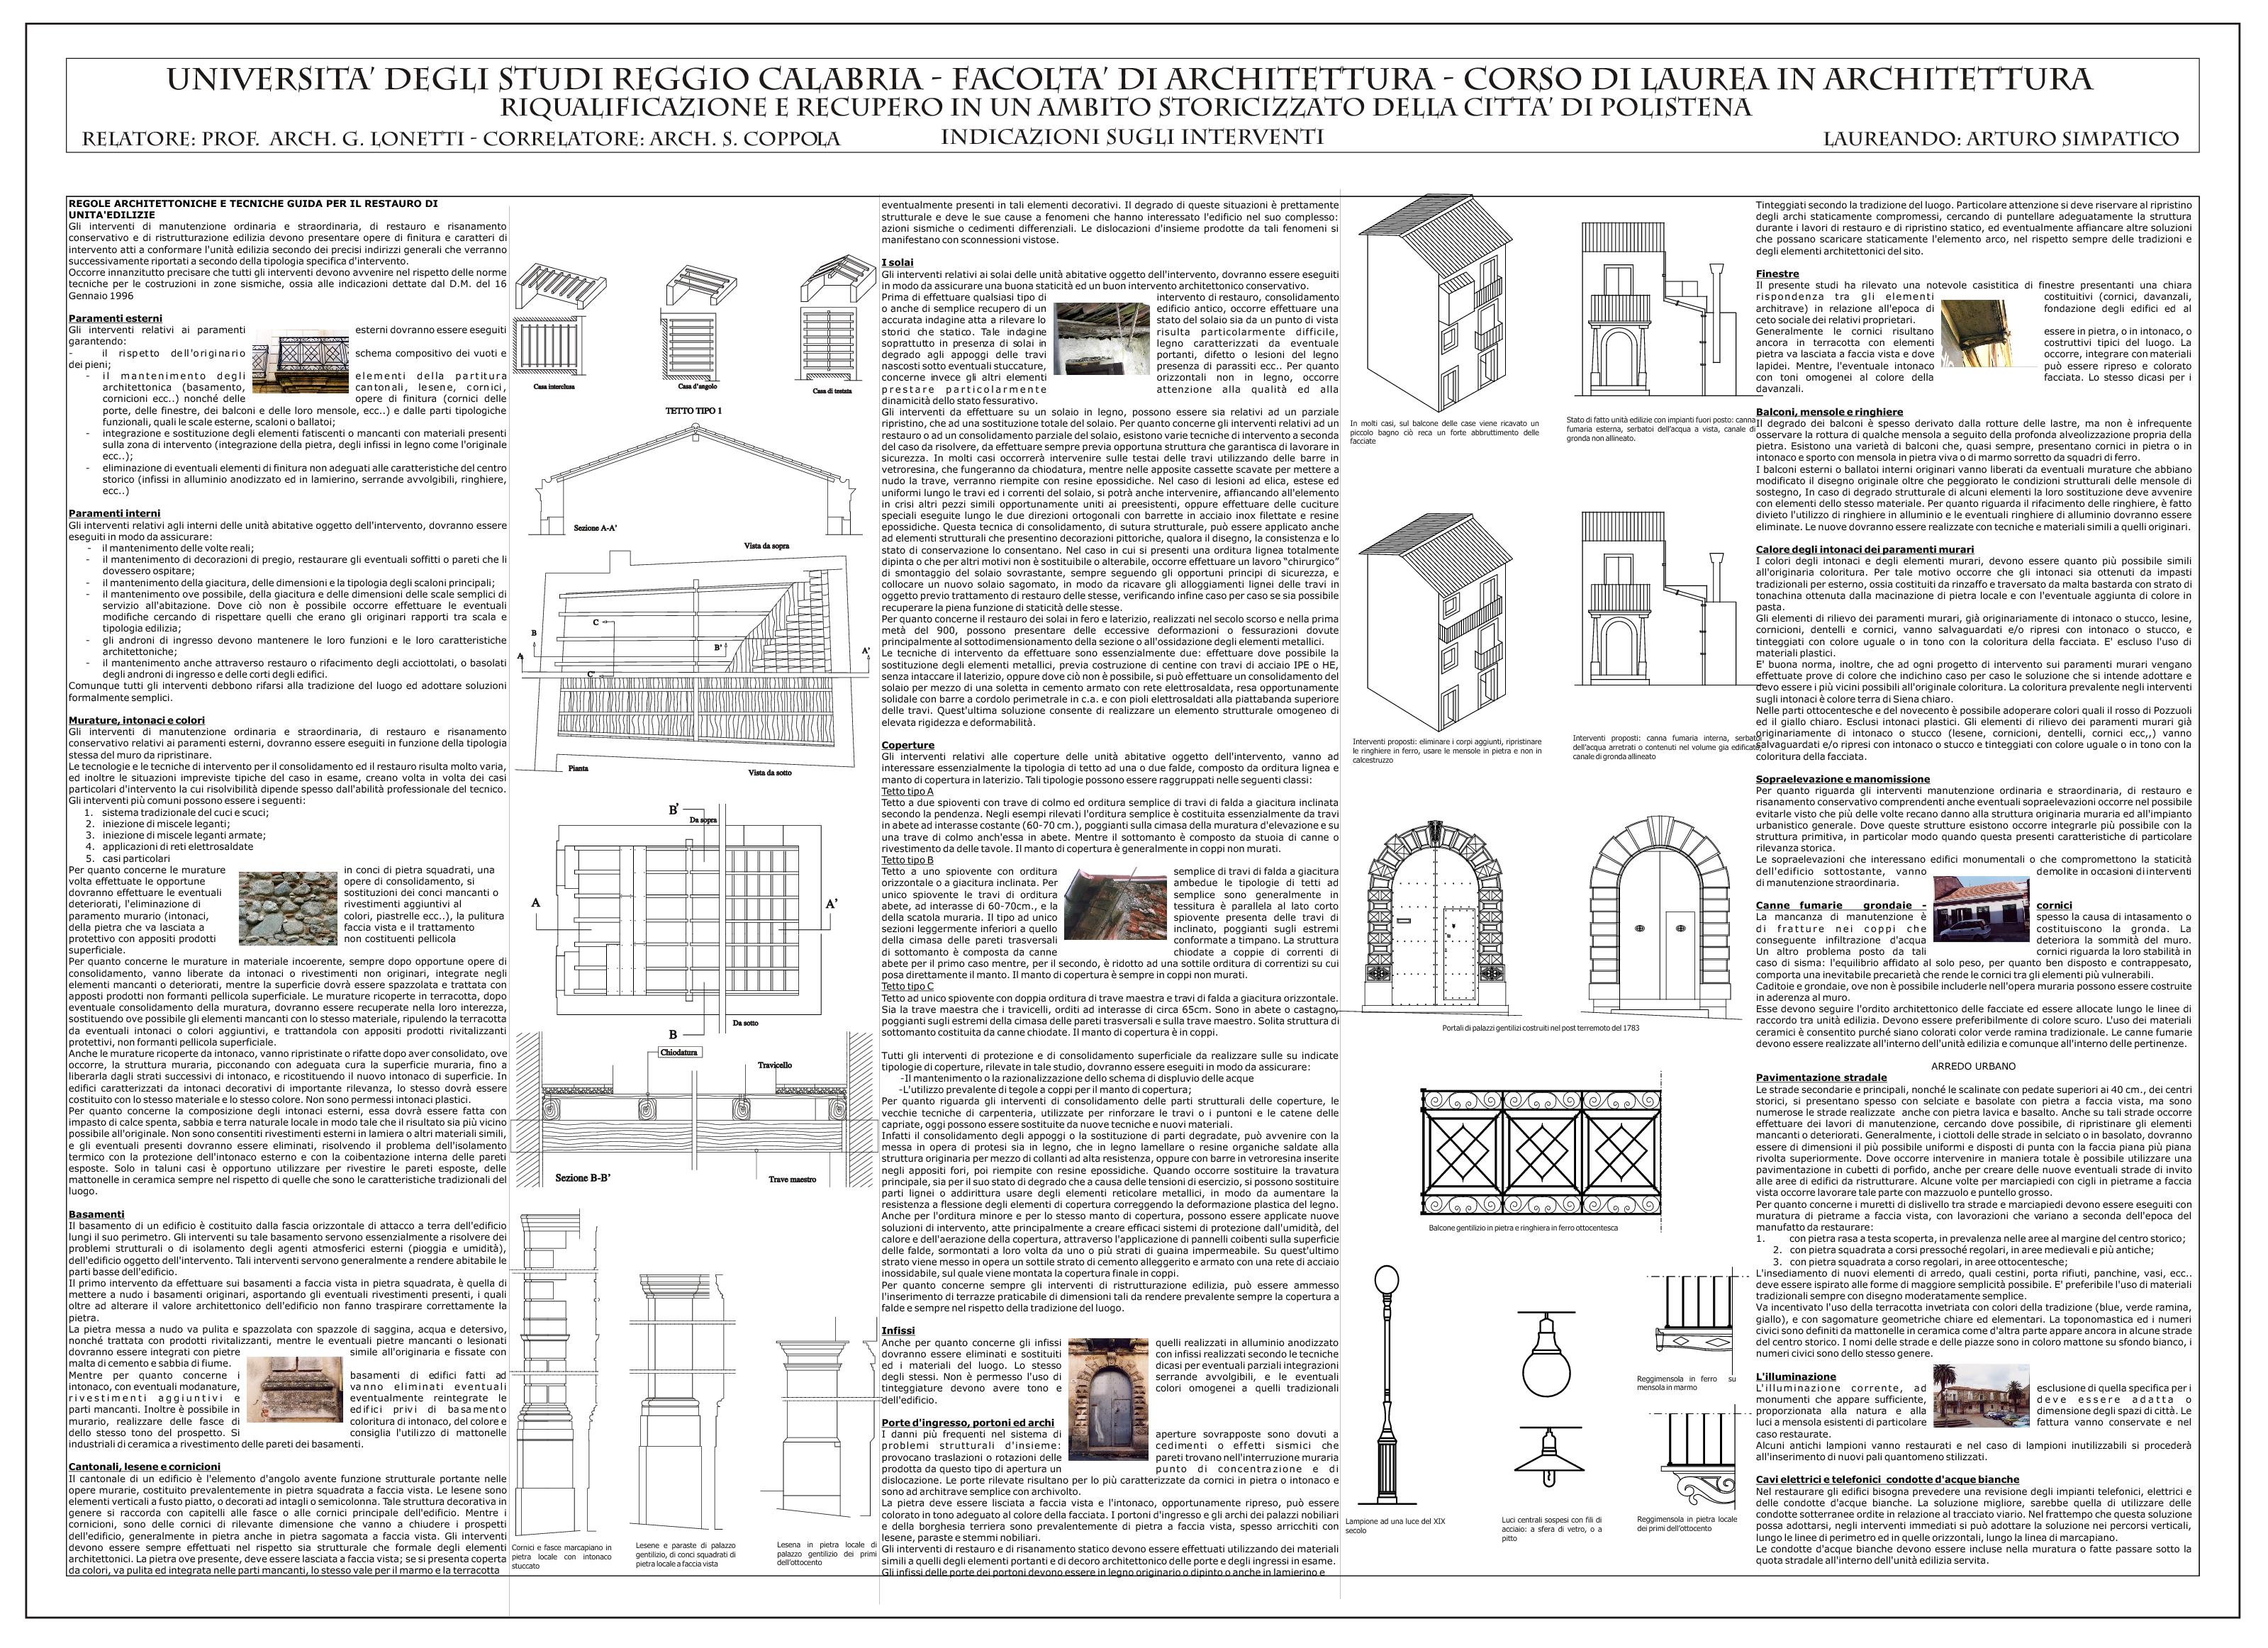 Anteprima della tesi: Riqualificazione e recupero in un ambito storicizzato della Città di Polistena, Pagina 1